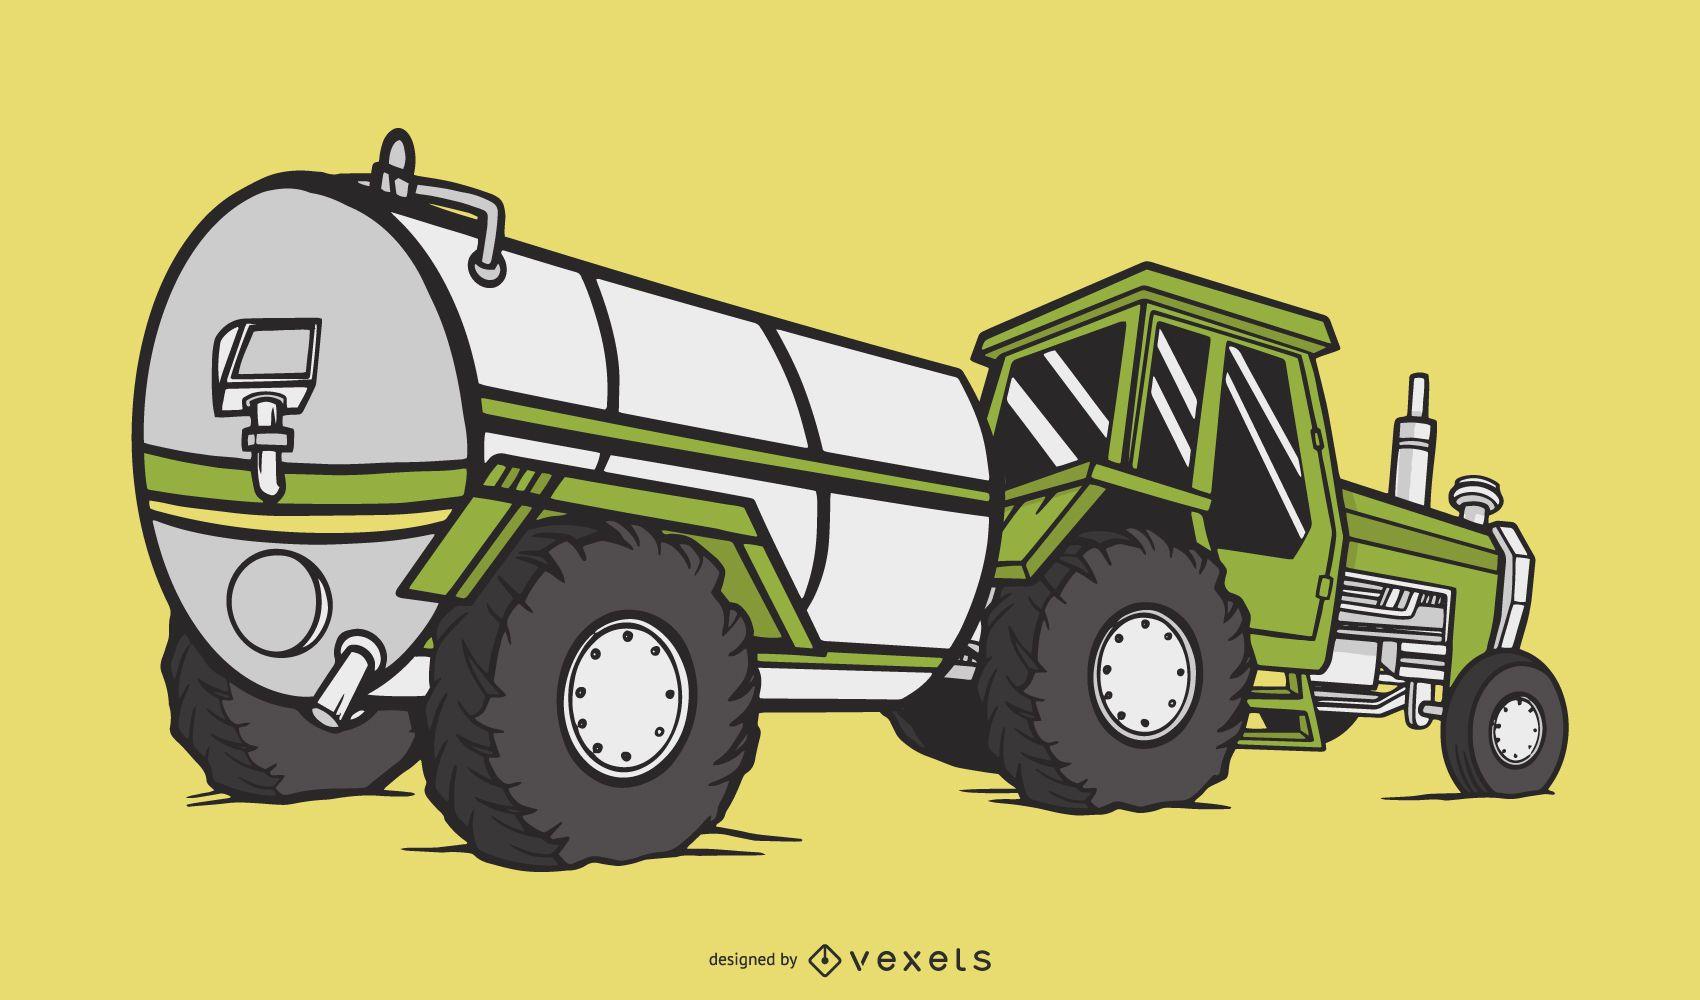 Traktor Illustration Design